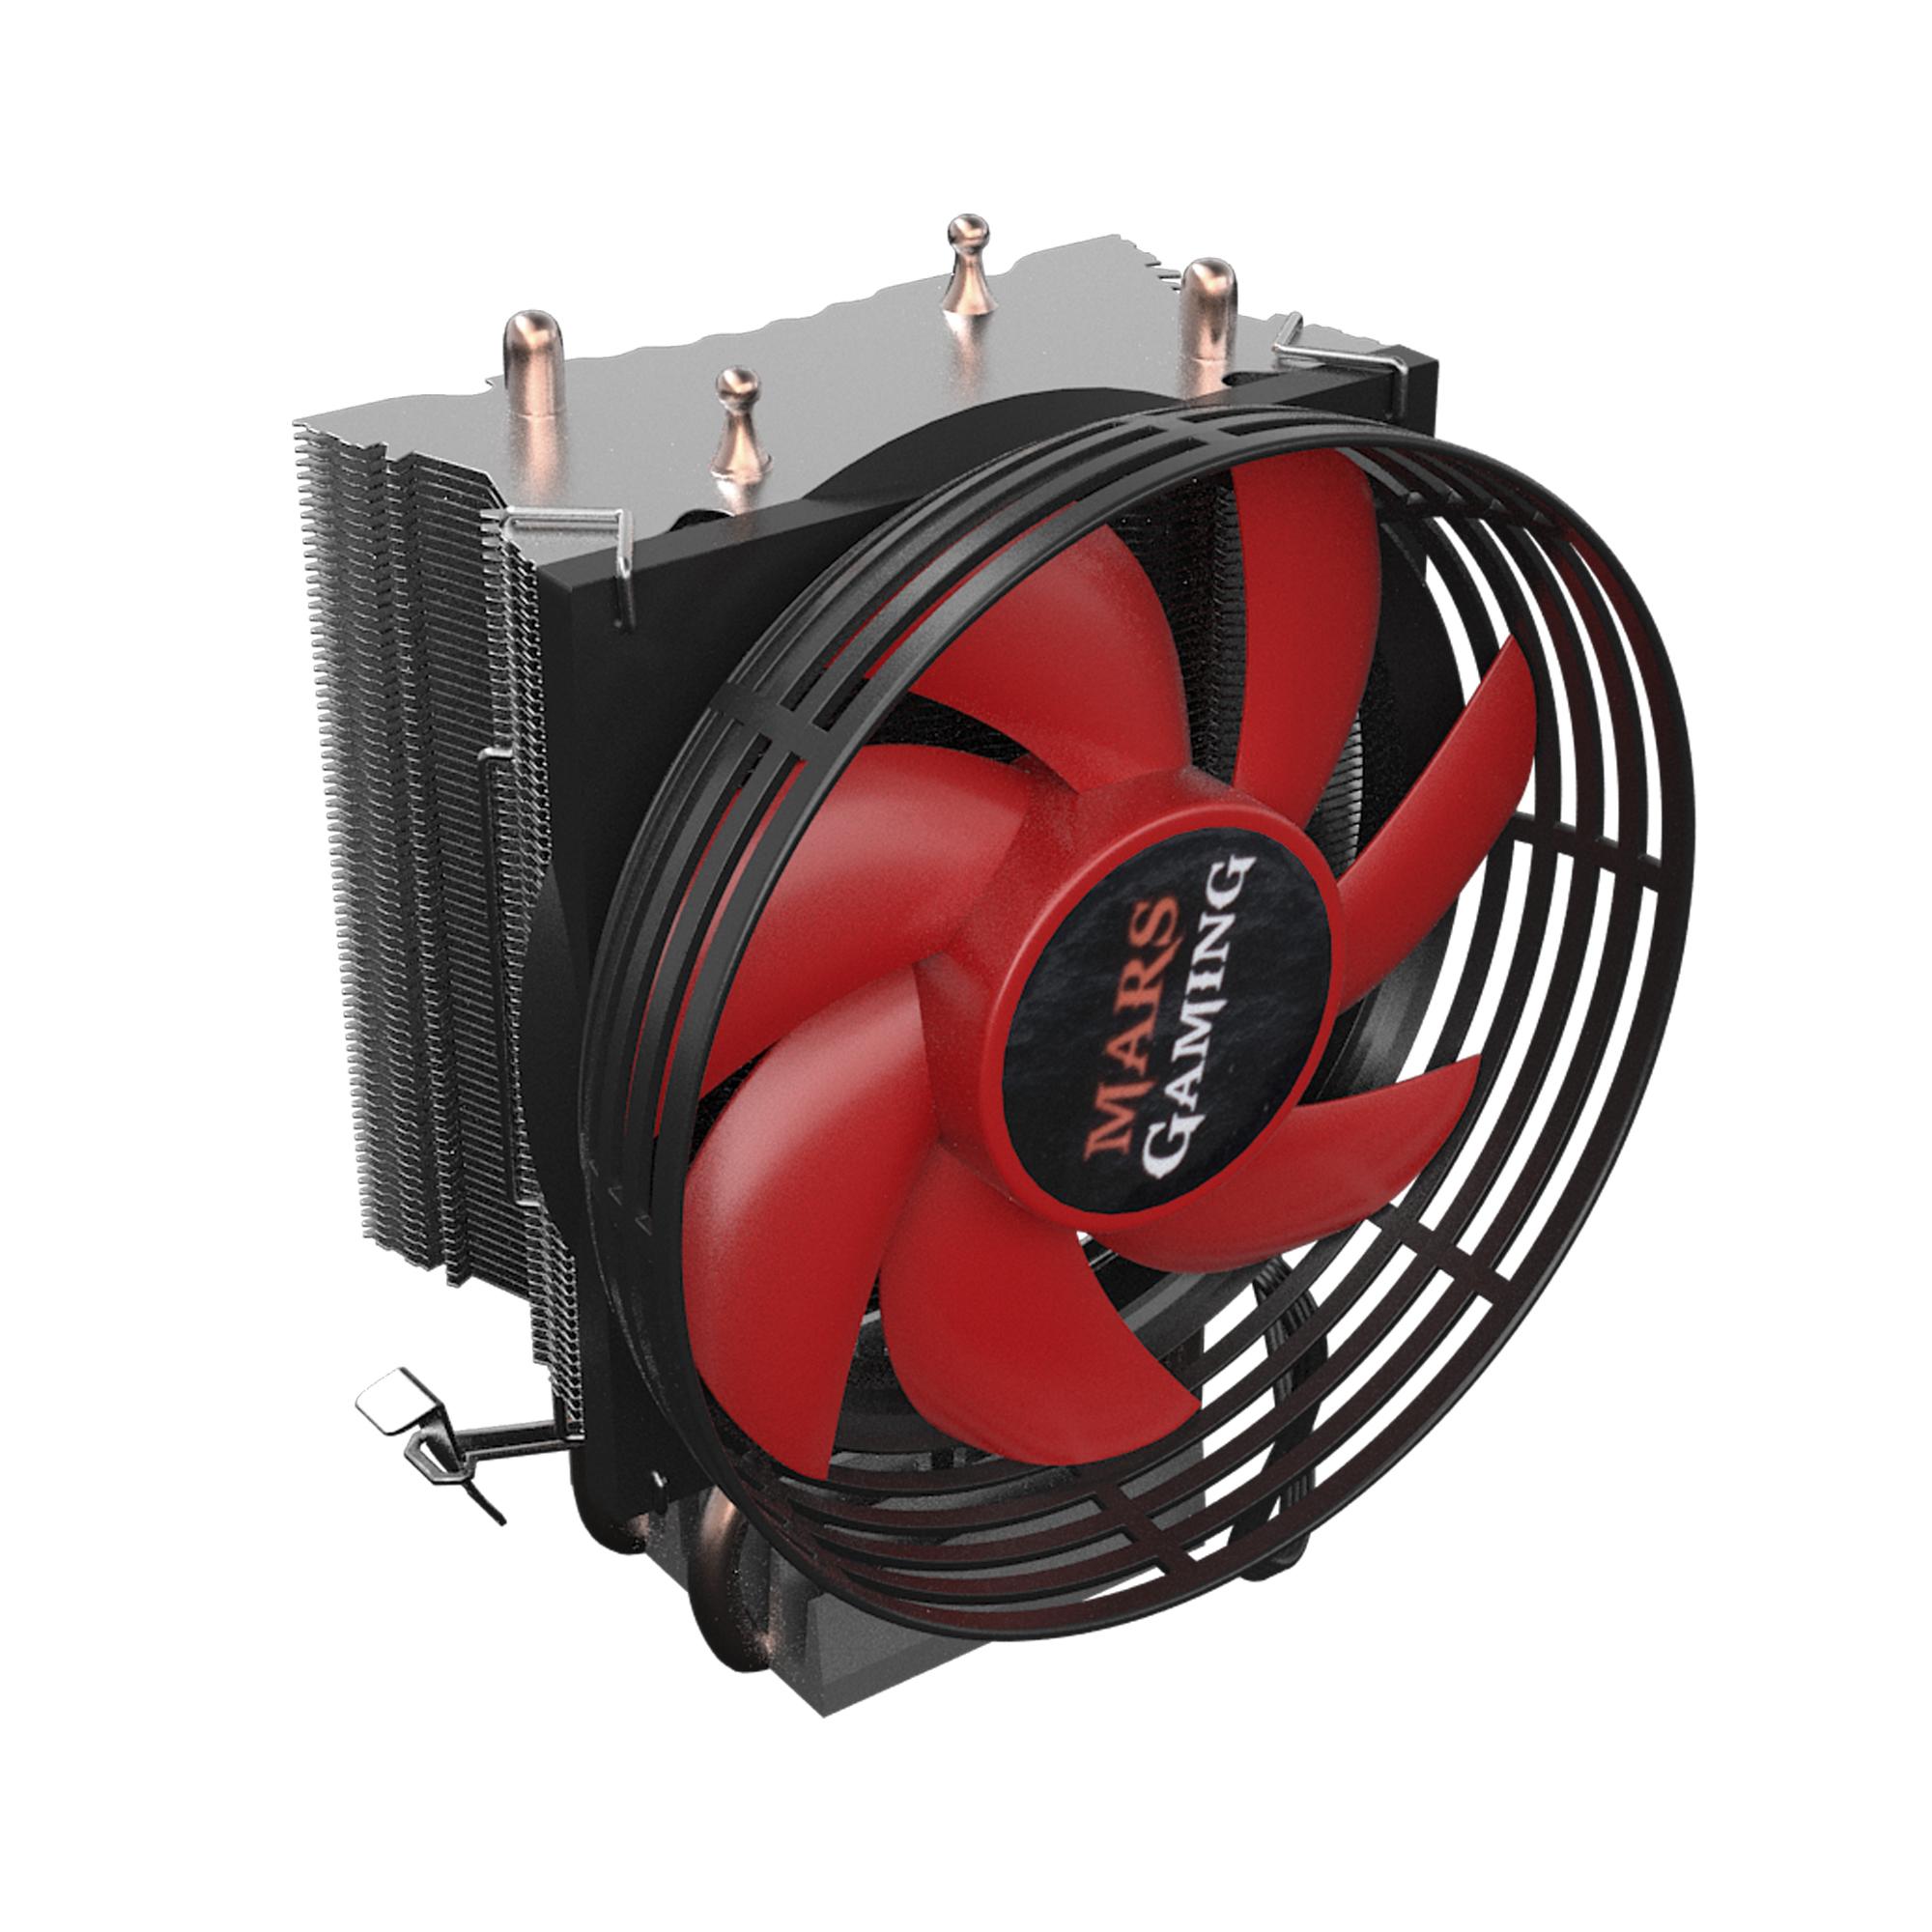 Ventilador Disipador Mars Gaming Mcpu117 - Ventilador 90mm - 2x Heatpipe - Aluminio+cobre - Sockets Compatibles Segun Especificaciones